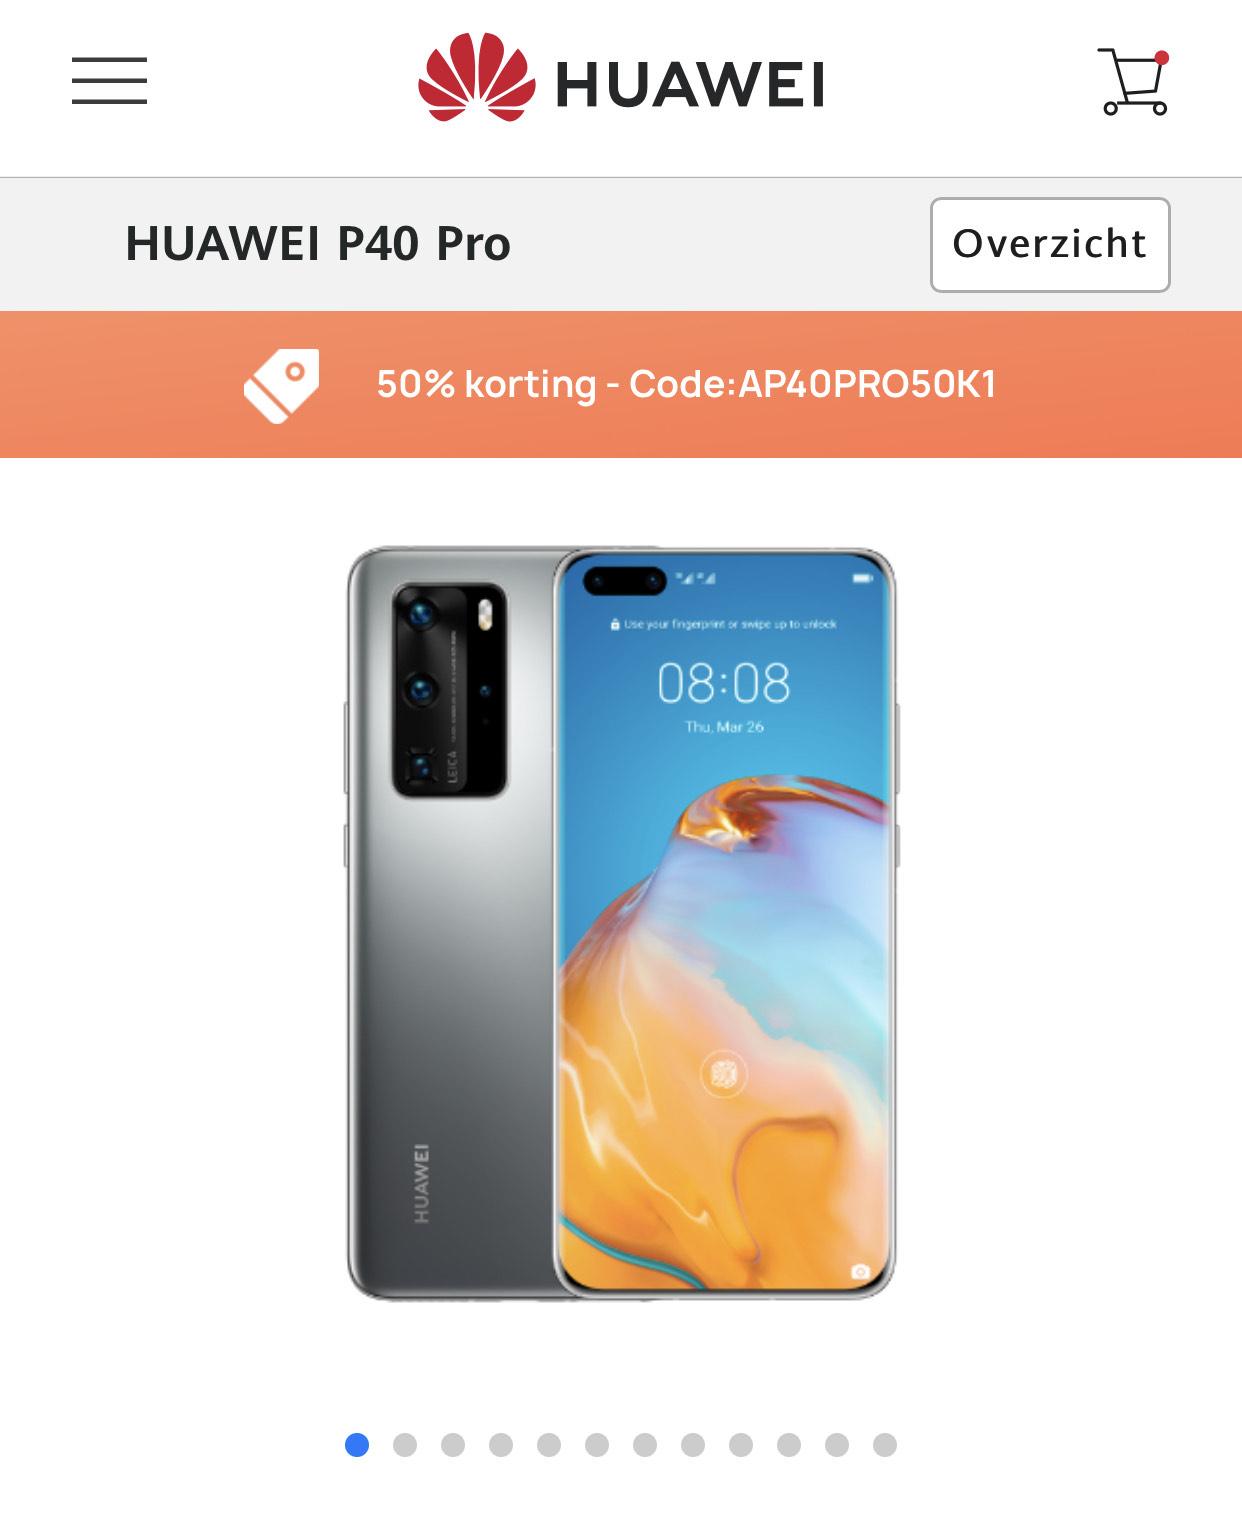 Huawei p40 pro met 50% korting!